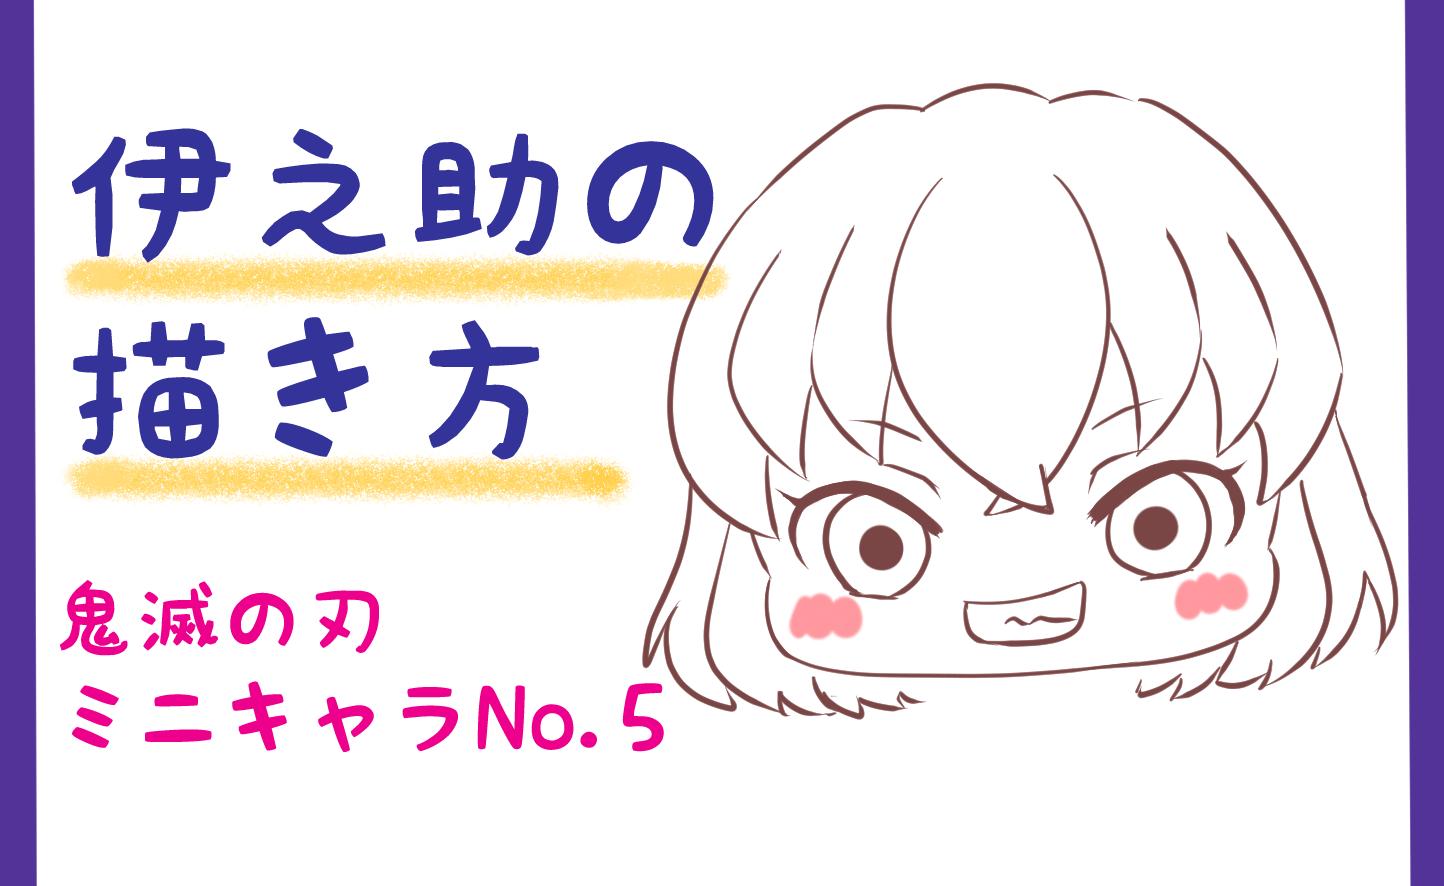 胡蝶しのぶ書き方簡単ミニキャラ